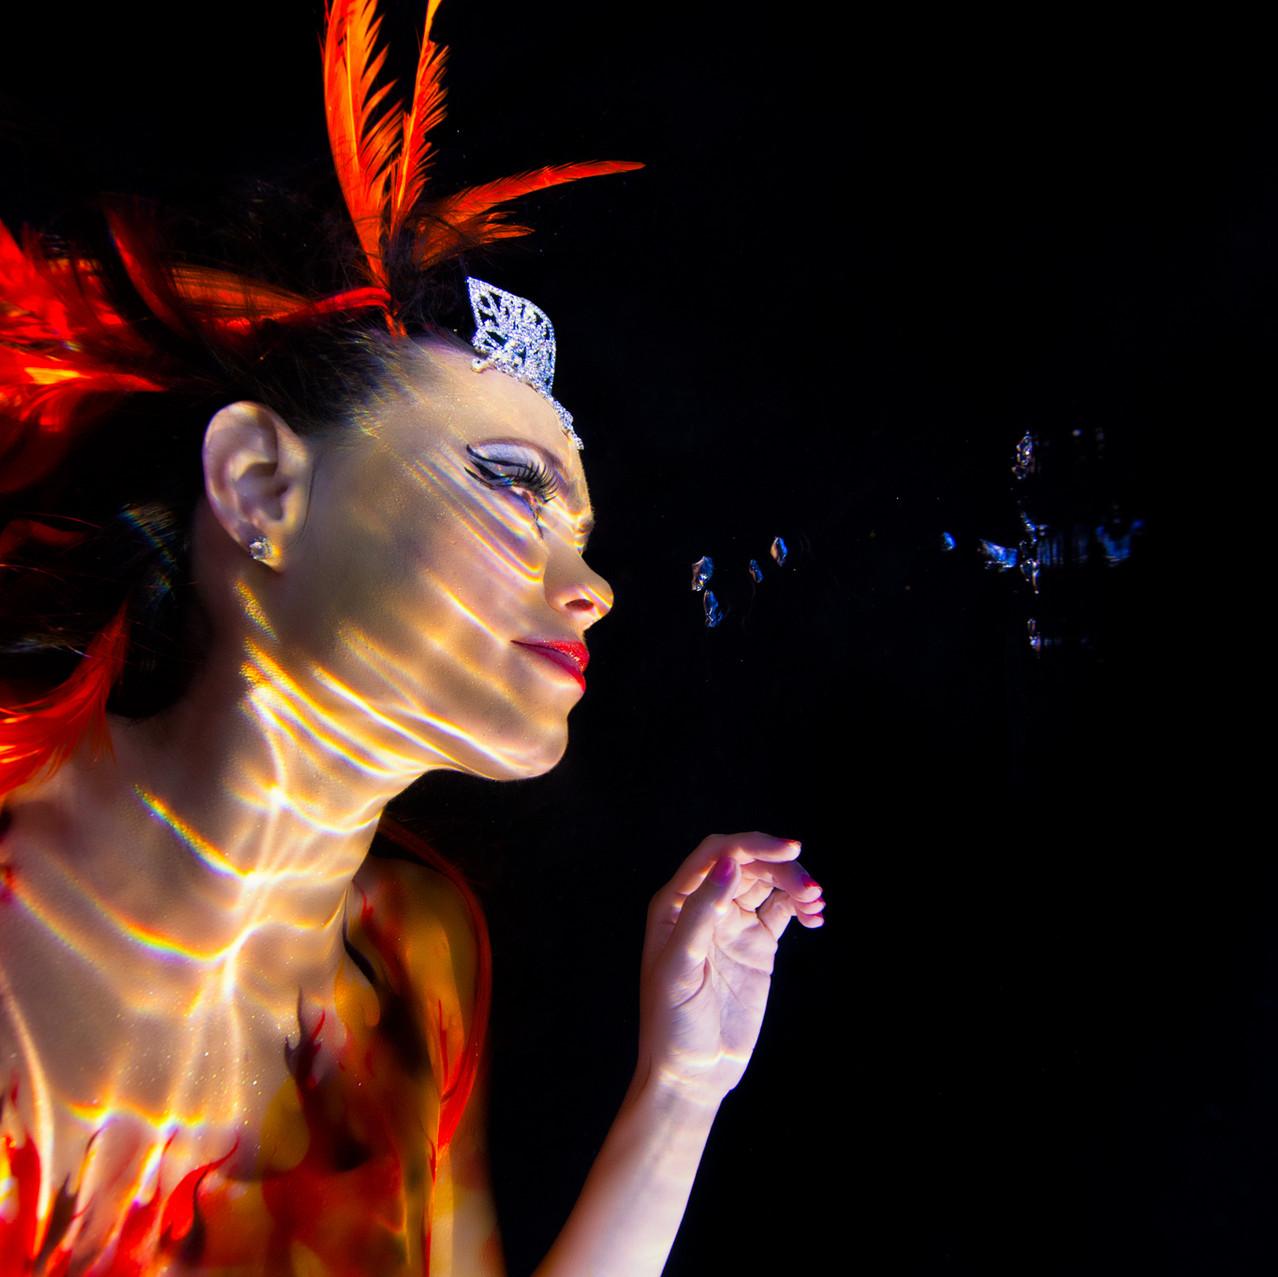 Underwater Body Painting Photo Shoot